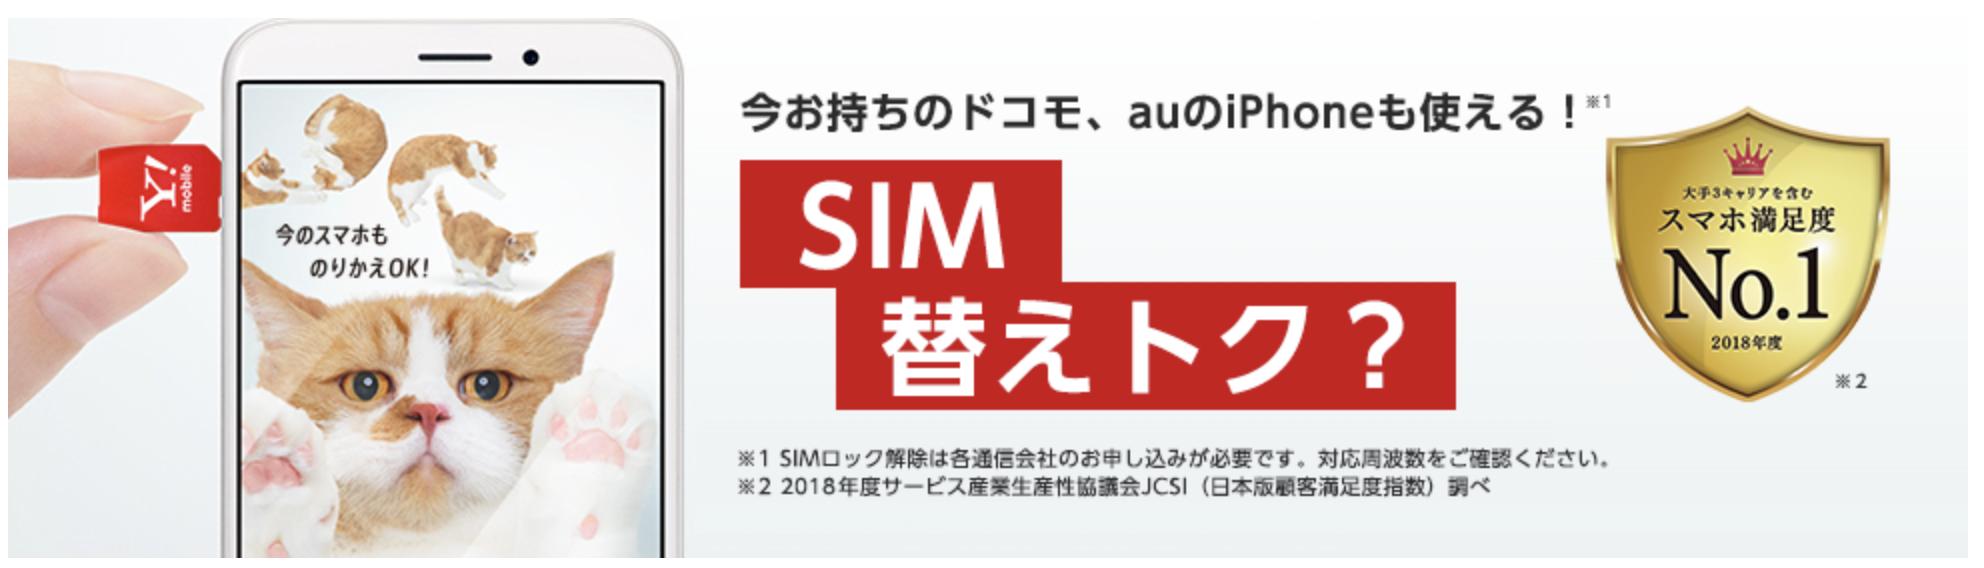 データ通信+SMS+音声通話(ドコモ回線及びAU回線両方が利用可能)